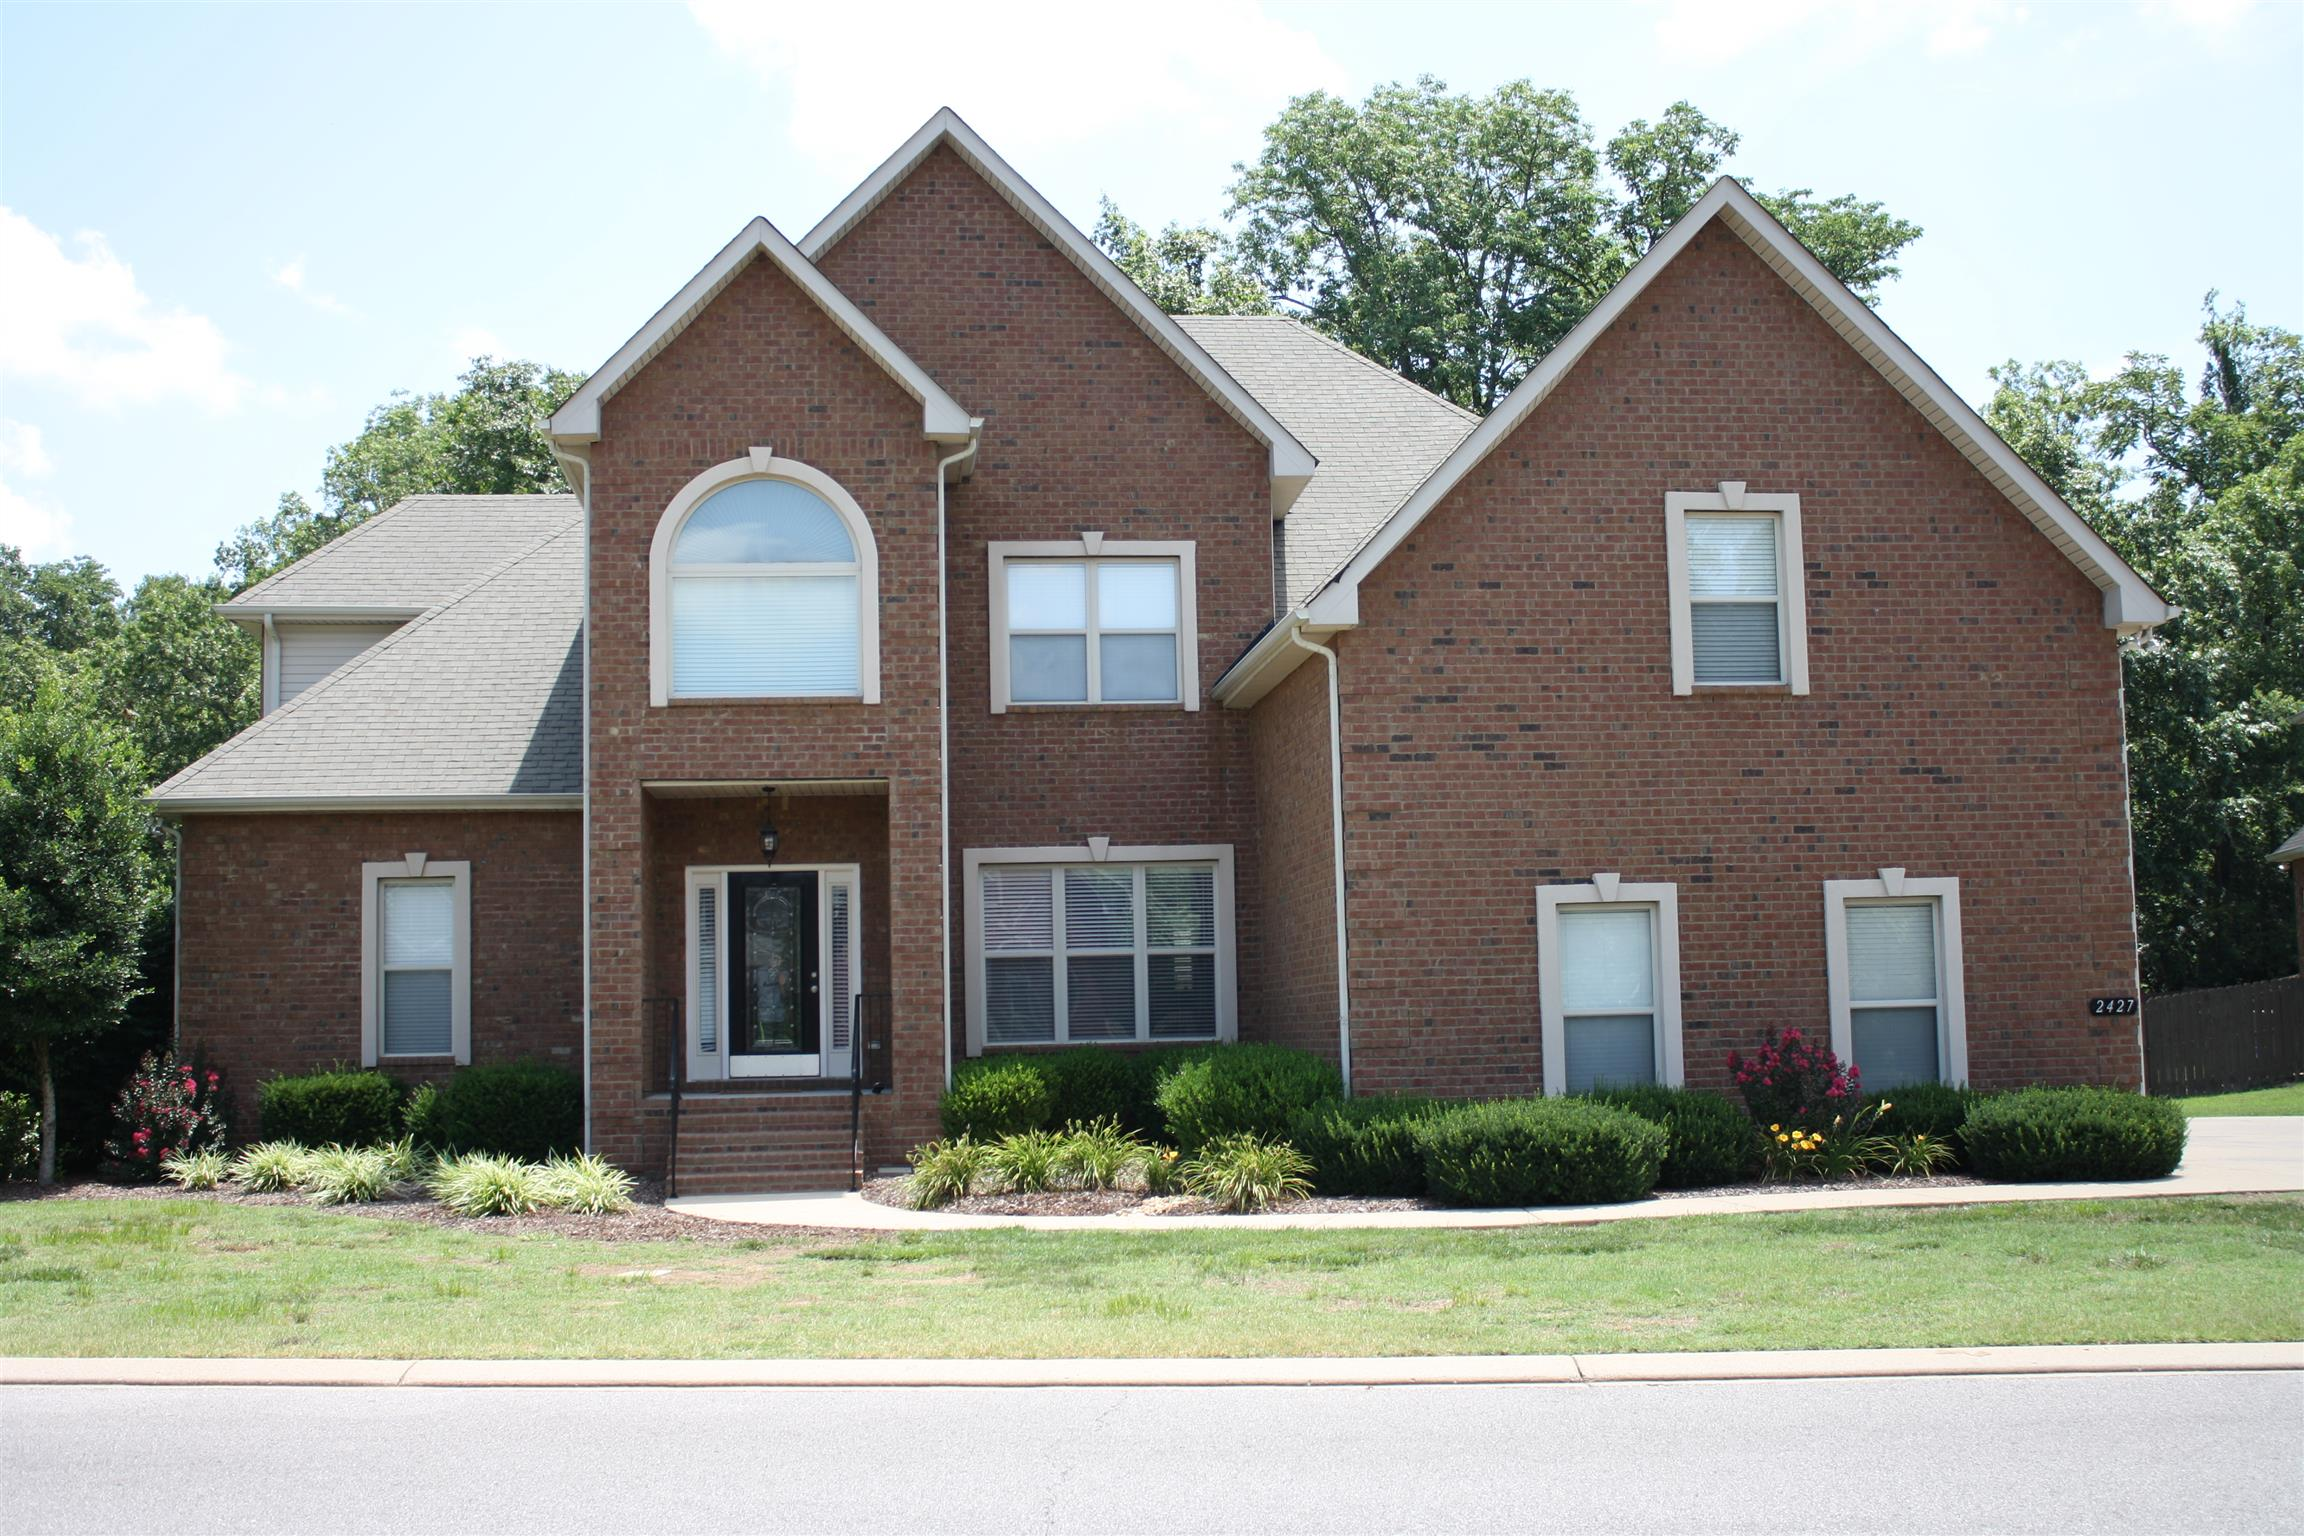 2427 Garrison Cove, Murfreesboro, Tennessee